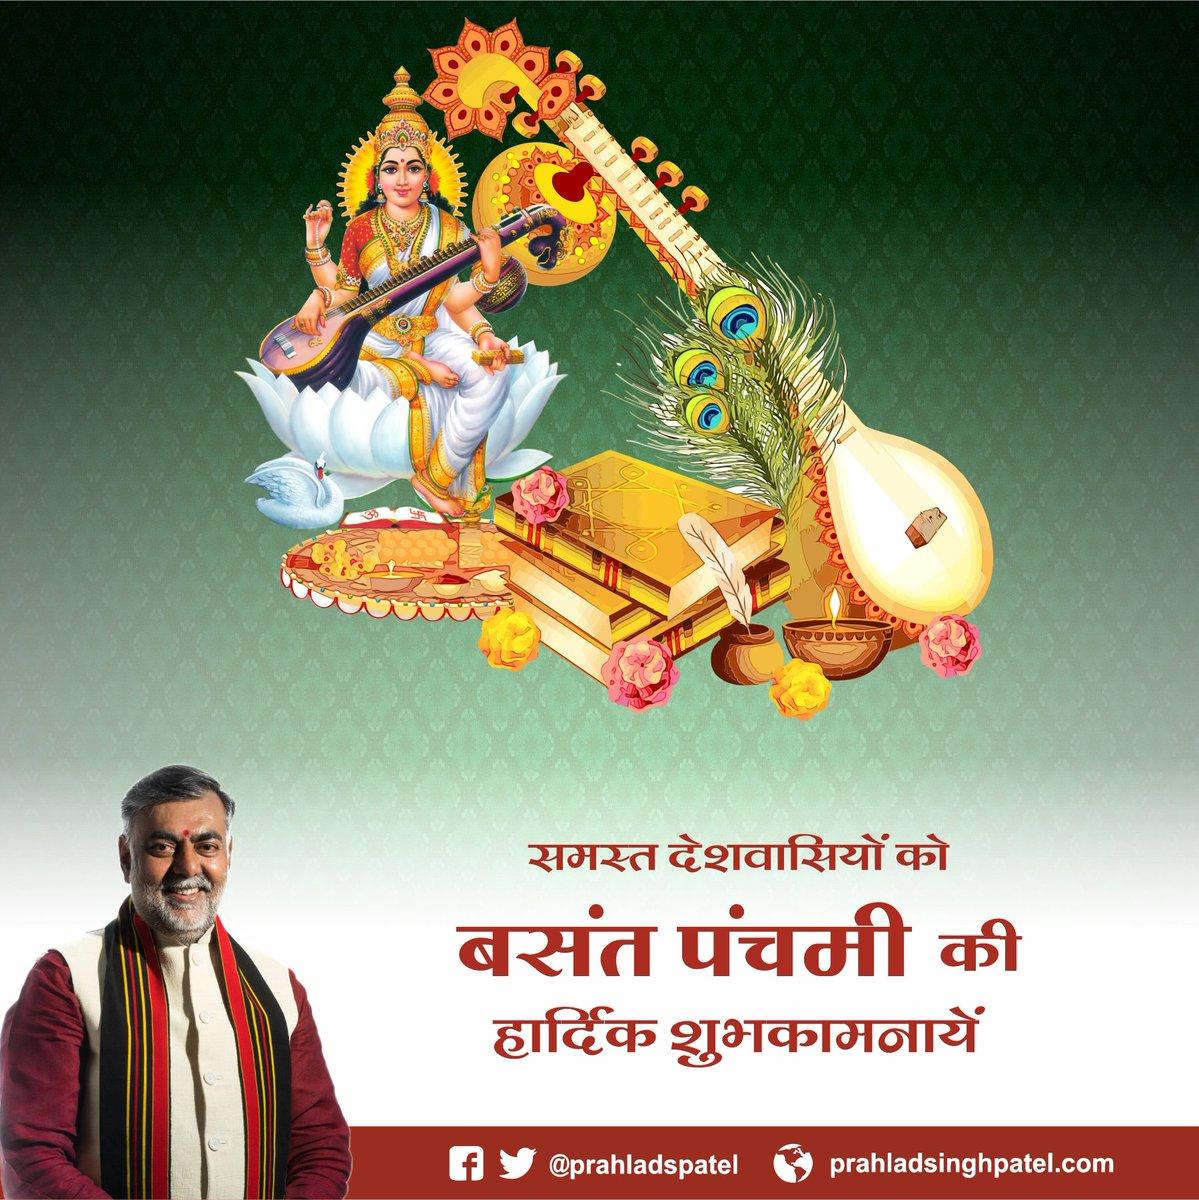 आप सभी को 'बसंत पंचमी' के पावन पर्व की हार्दिक शुभकामनाएं। माँ सरस्वती के आशीर्वाद के साथ सुख एवं समृद्धि का बसंत भी आप सभी पर सदैव बना रहे ऐसी माँ वीणापाणि से प्रार्थना करता हूं। श्री @prahladspatel   #BasantPanchami2020 #PrahladPatel #Damoh #BJP #Bharat #VasantPanchami